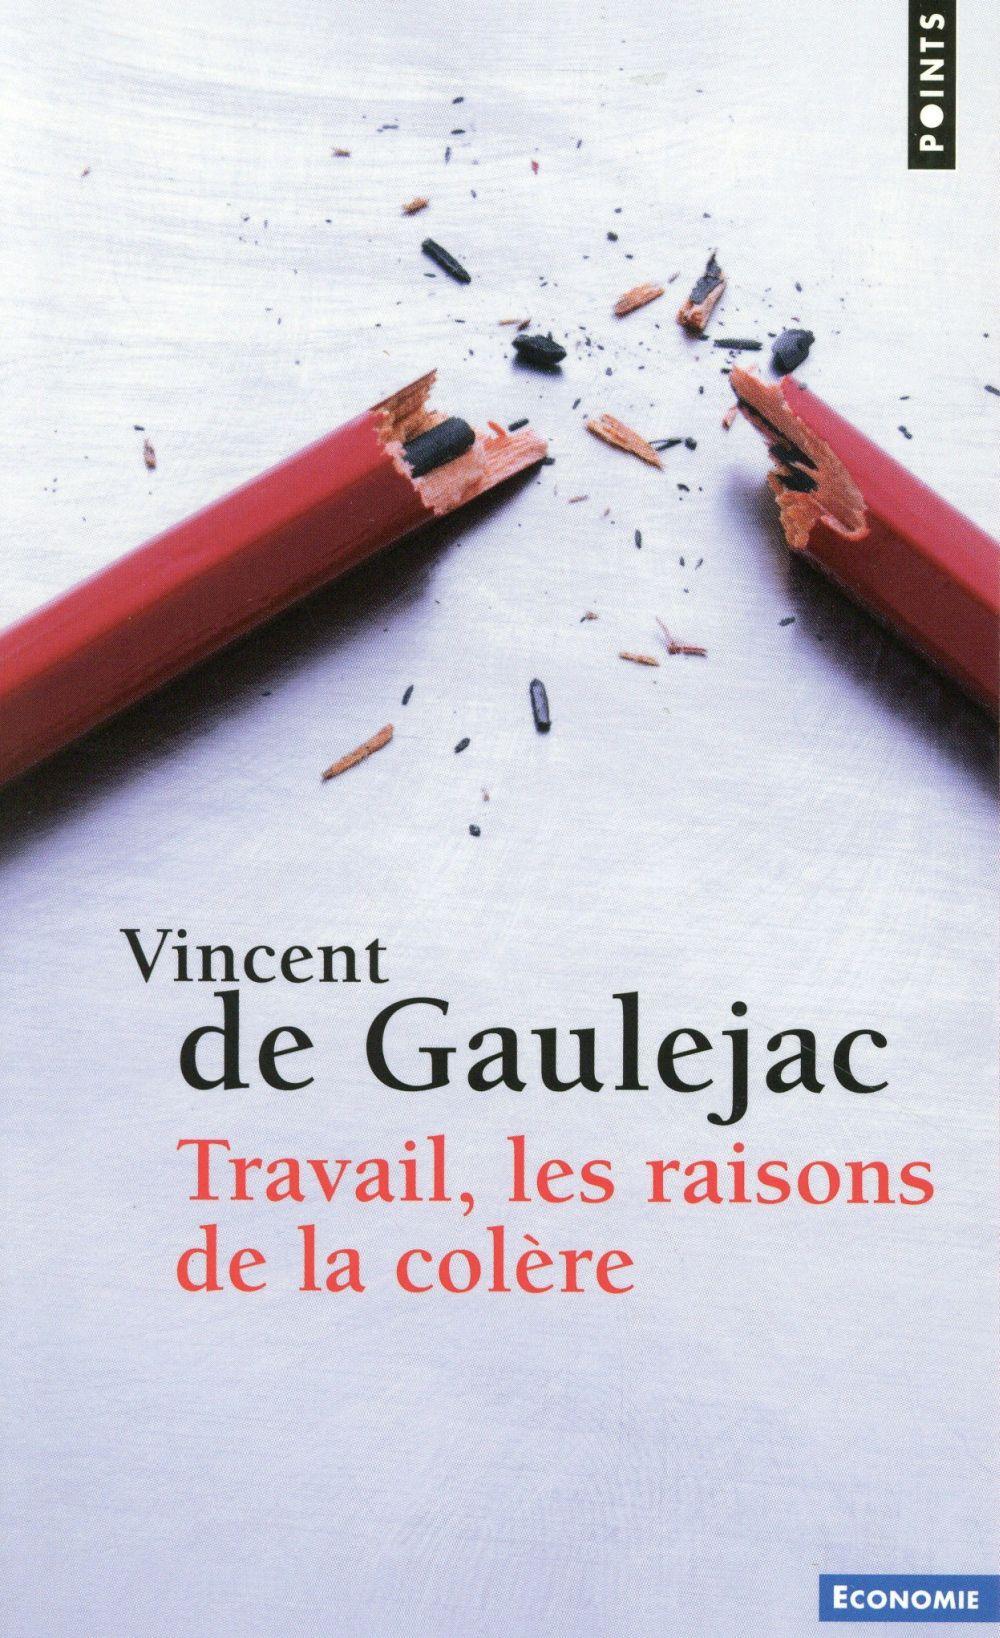 TRAVAIL, LES RAISONS DE LA COLERE